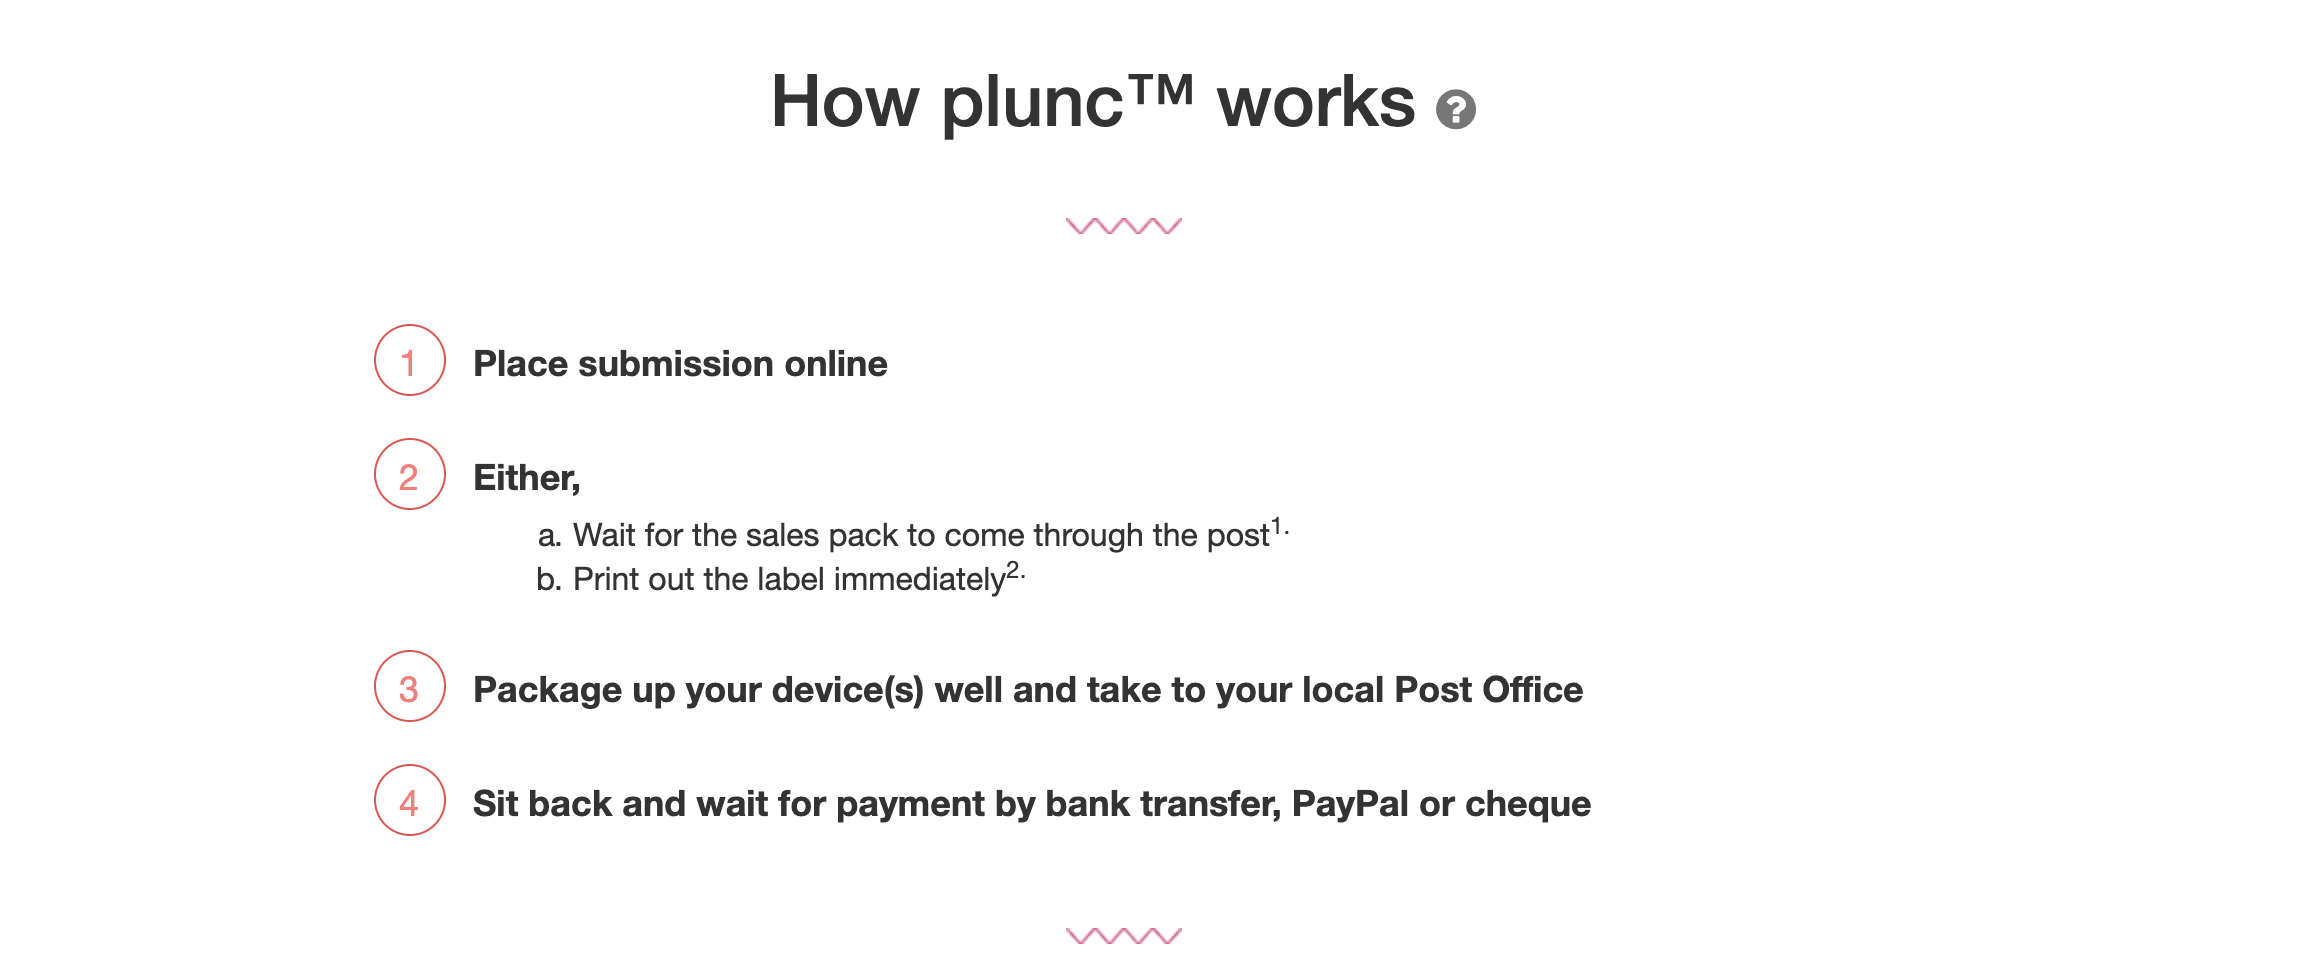 Plunc